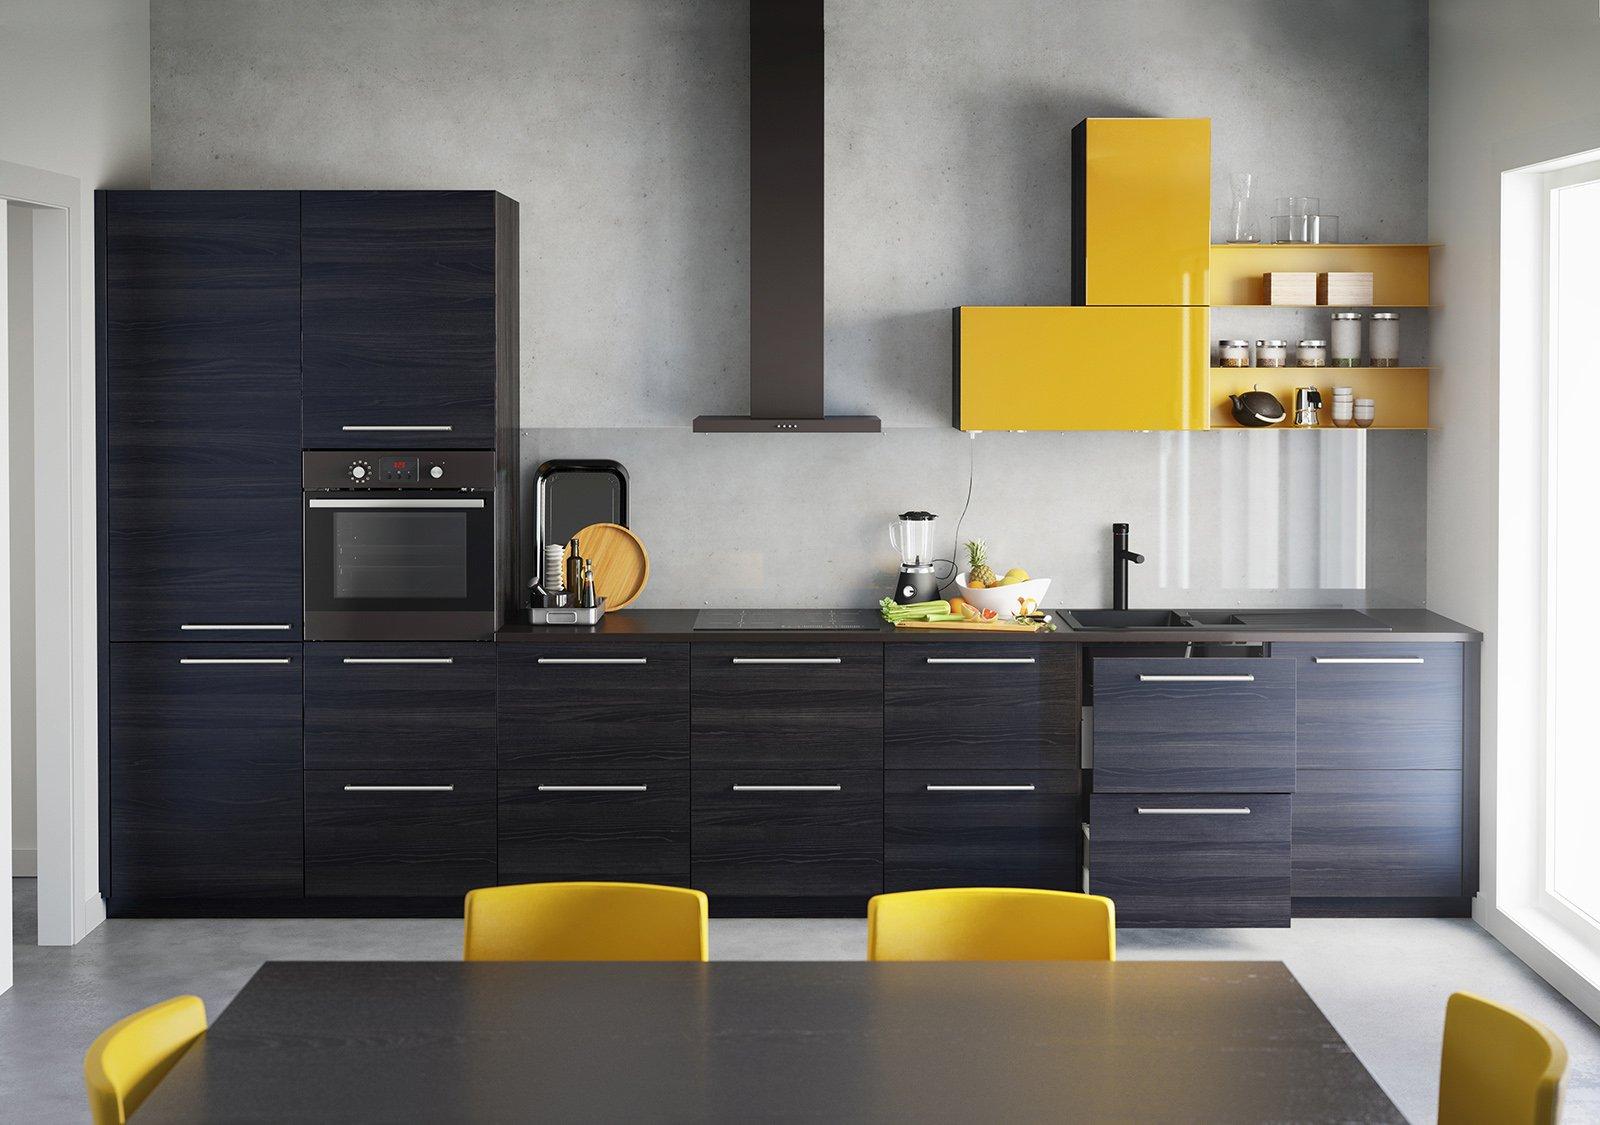 Nuove cucine Con maniglia protagonista  Cose di Casa